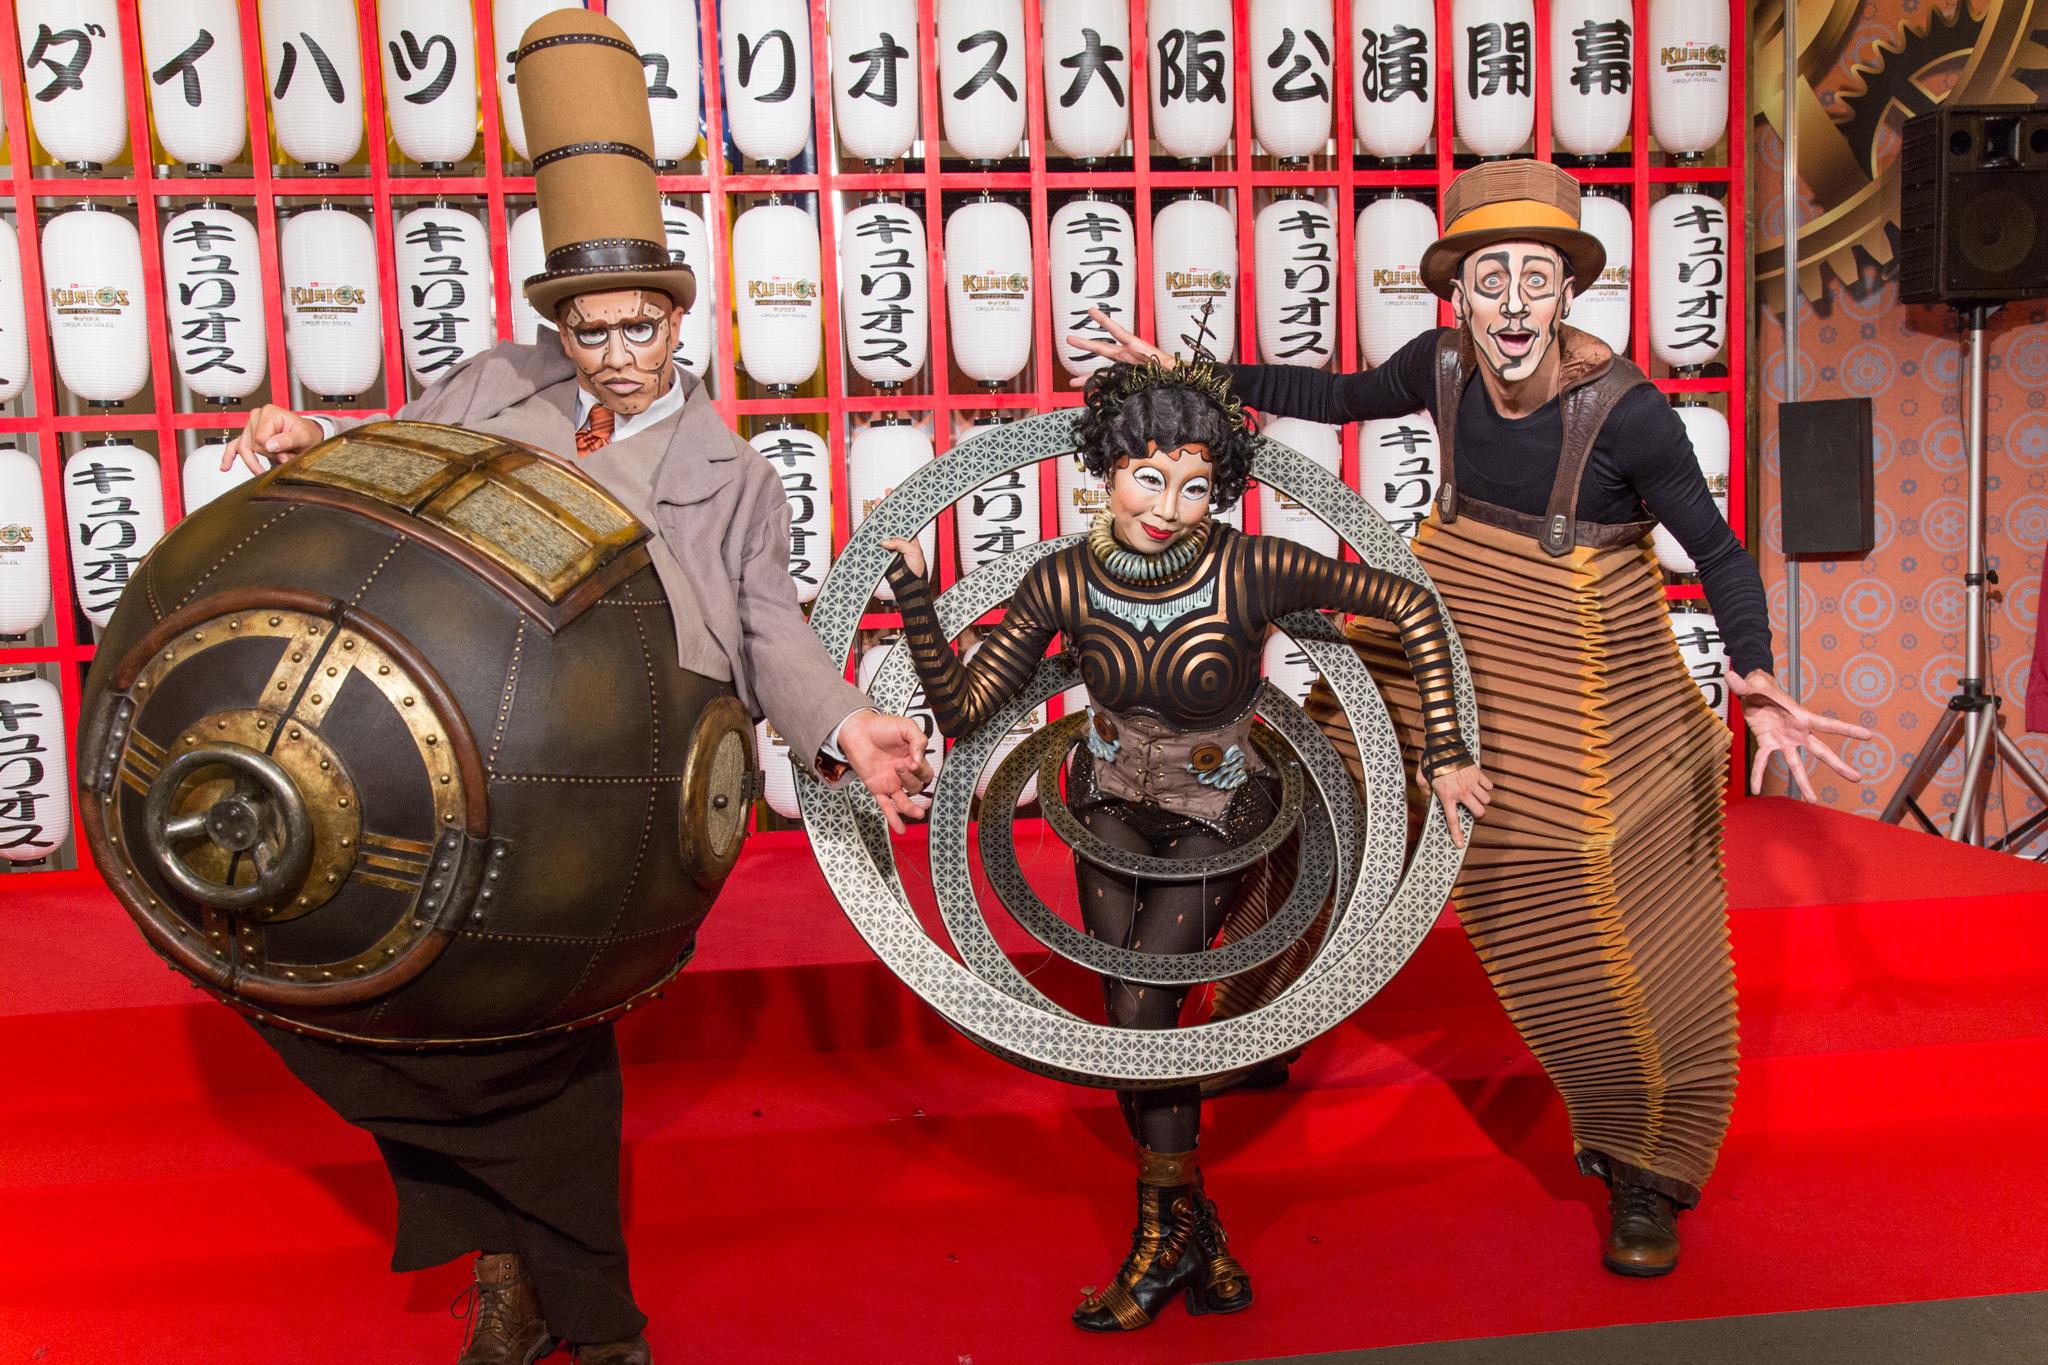 (左から)メインキャラクターのミスター・マイクロコスモス、クララ、ニコ